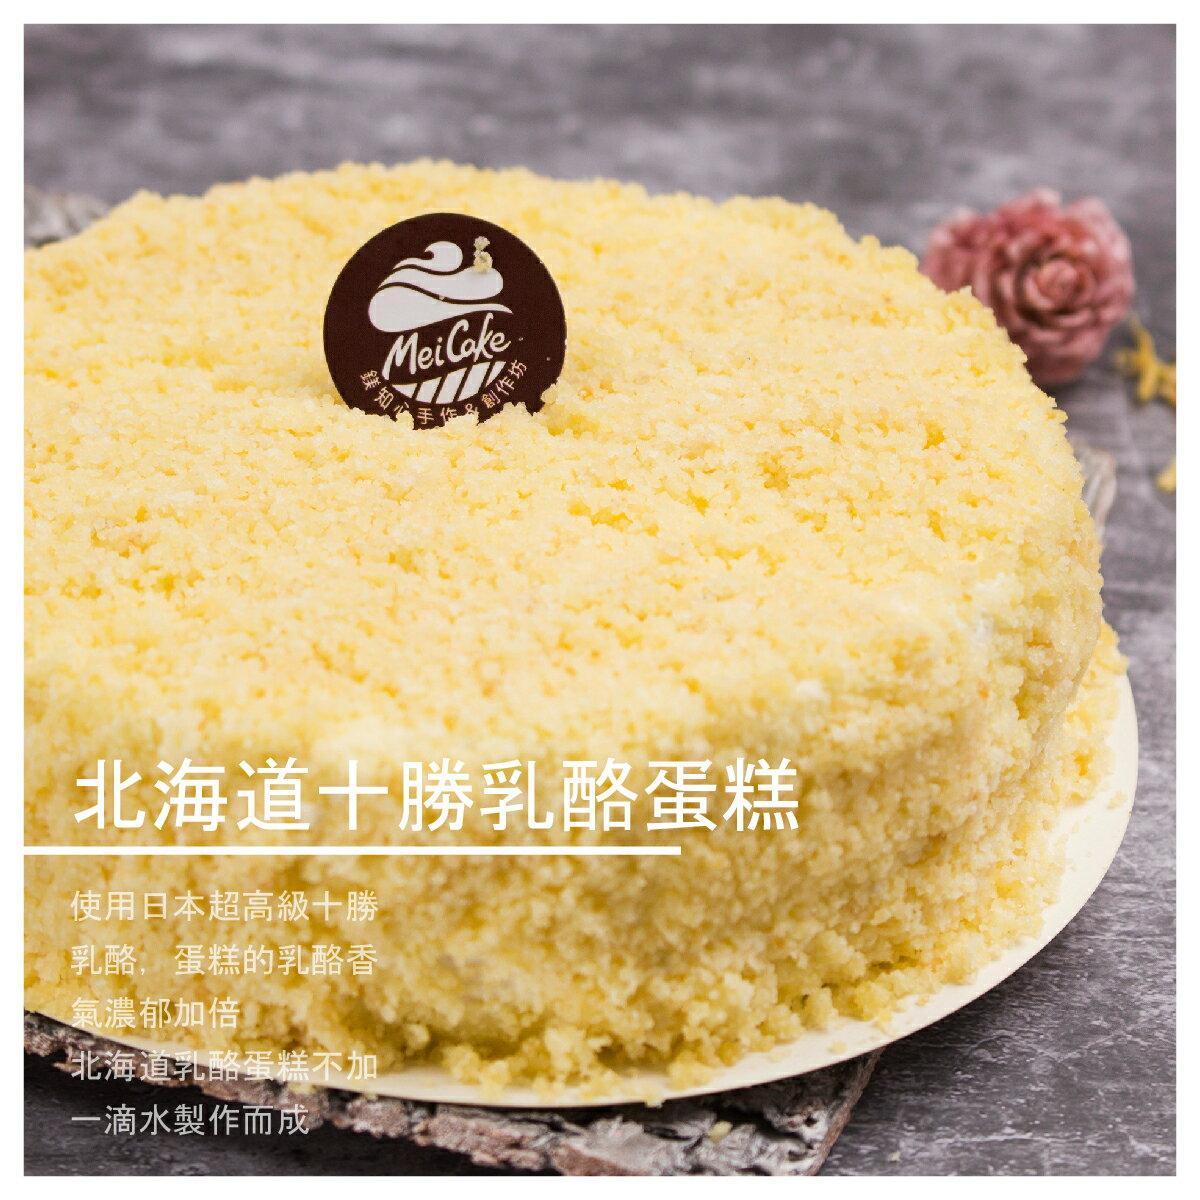 【鎂知心手作坊】北海道十勝乳酪蛋糕 5吋